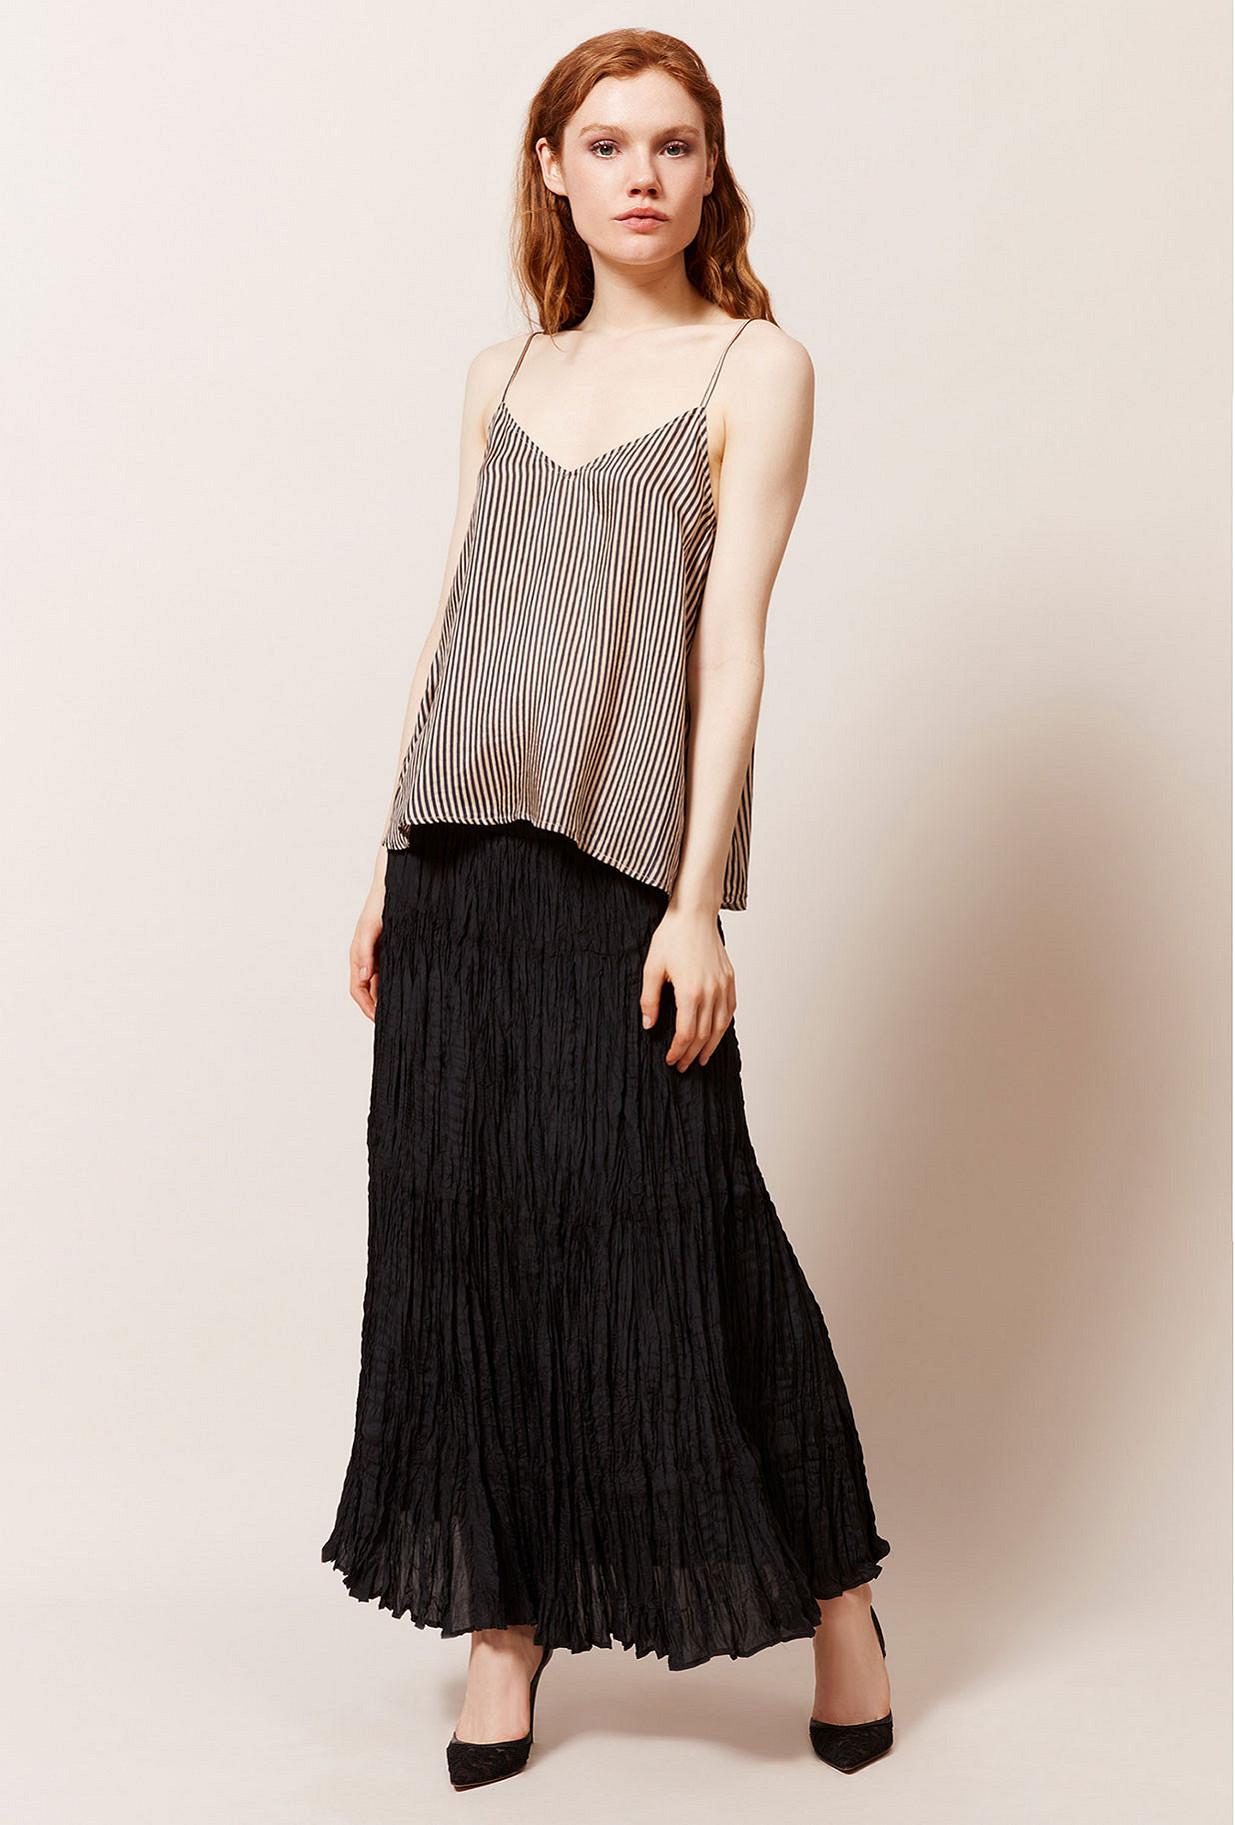 Paris boutique de mode vêtement Top créateur bohème Berry